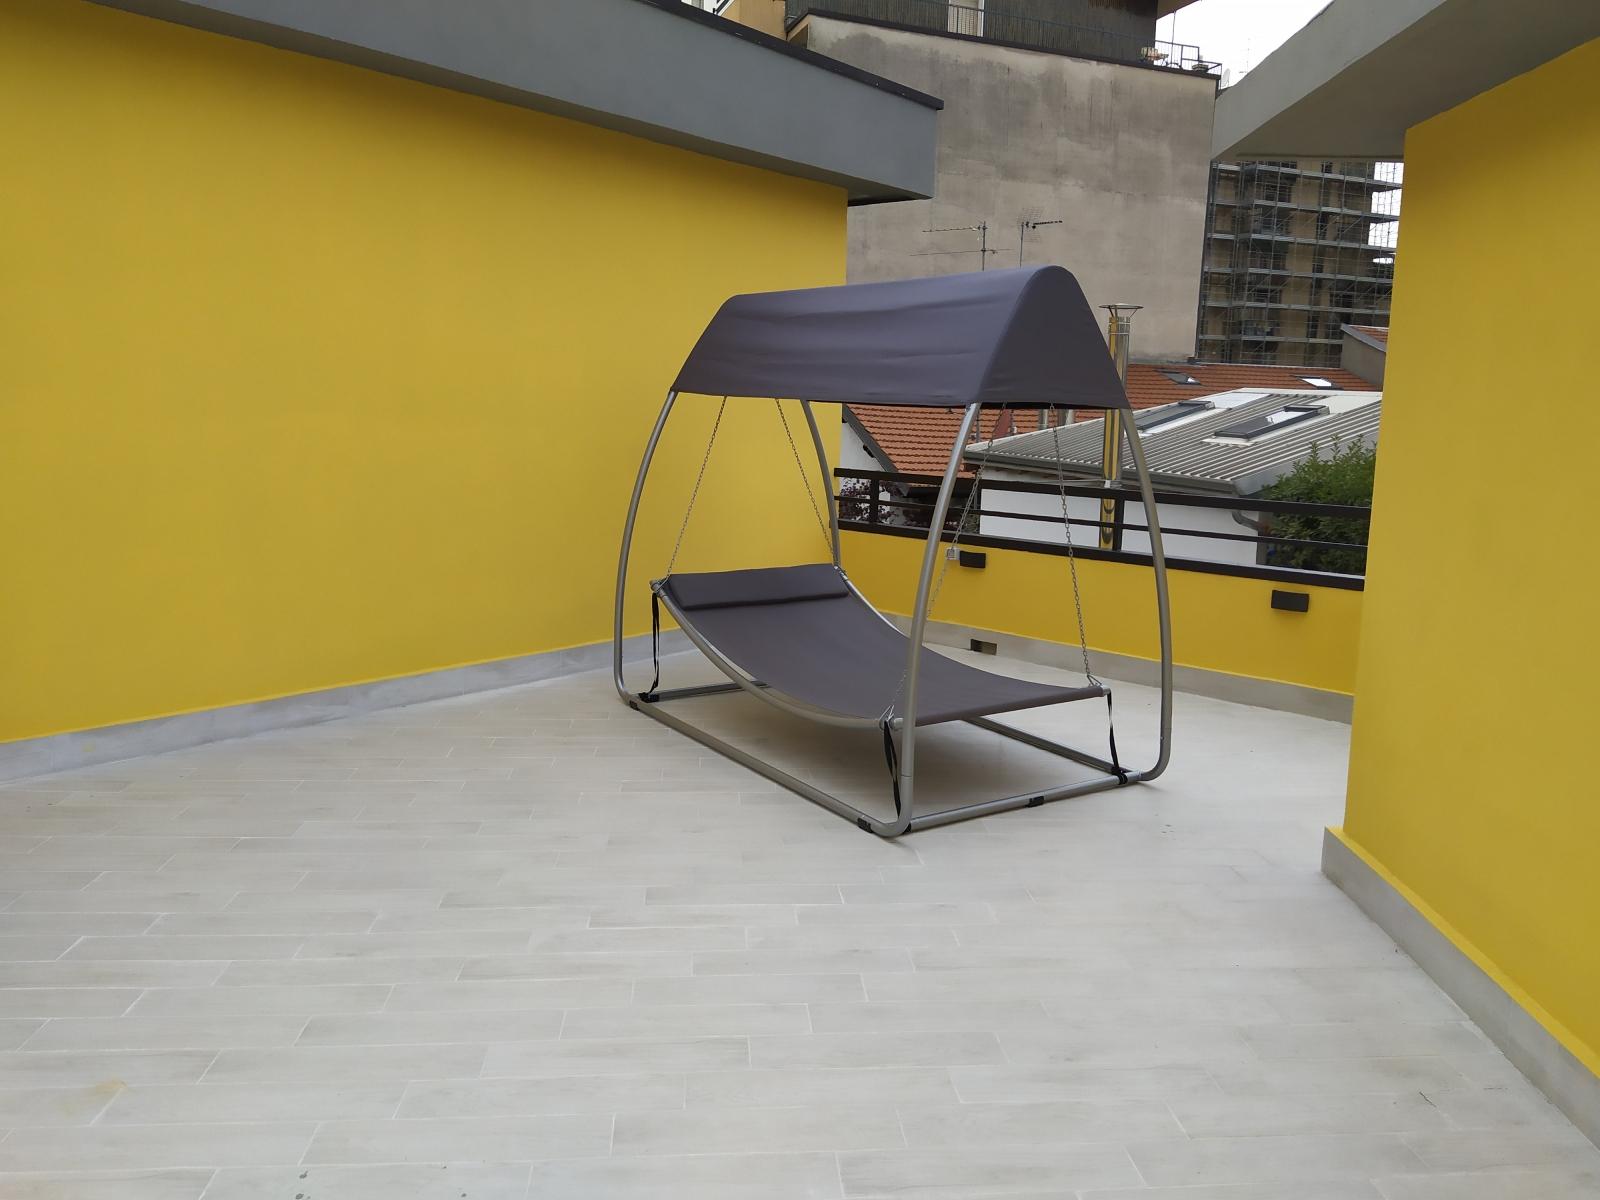 appartamento-in-vendita-milano-bovisa-piazza-dergano-3-locali-con-terrazzo-spaziourbano-immobiliare-vende-16